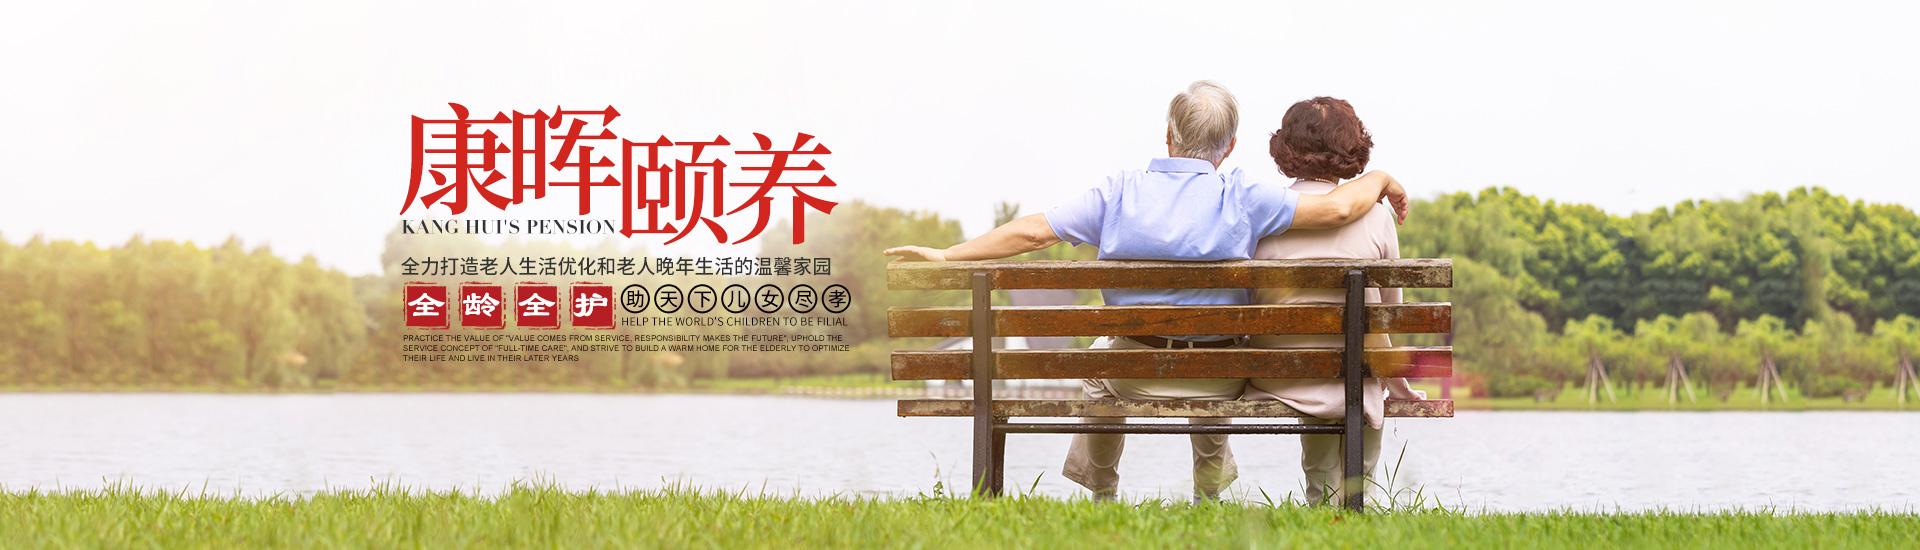 农村养老服务哪家专业_质量好服务项目合作-衡阳市康晖养老服务有限公司